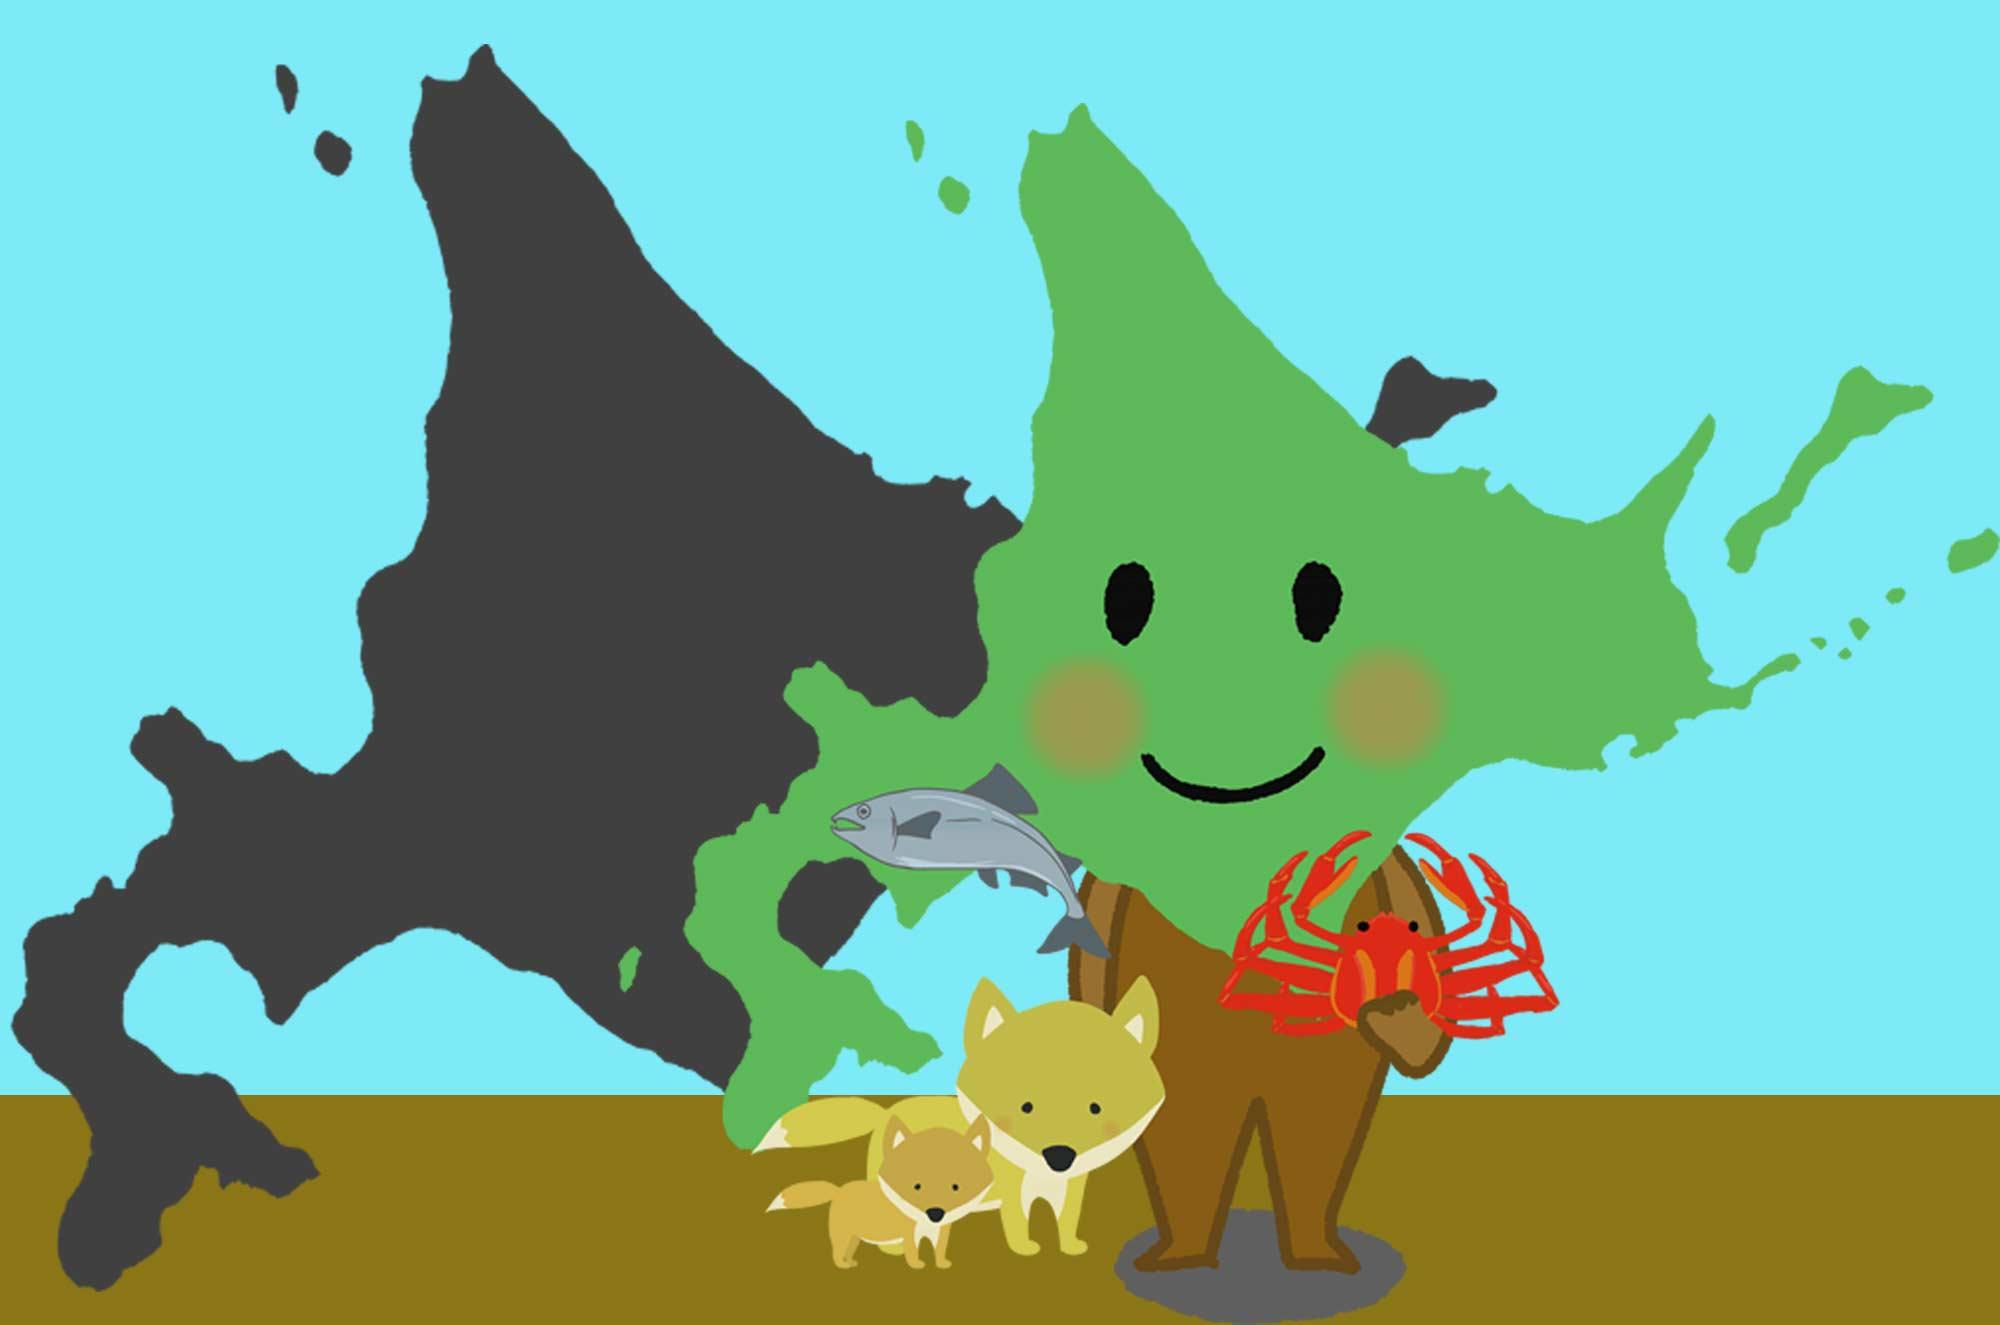 北海道のイラスト - 可愛いキャラクターと大陸無料素材